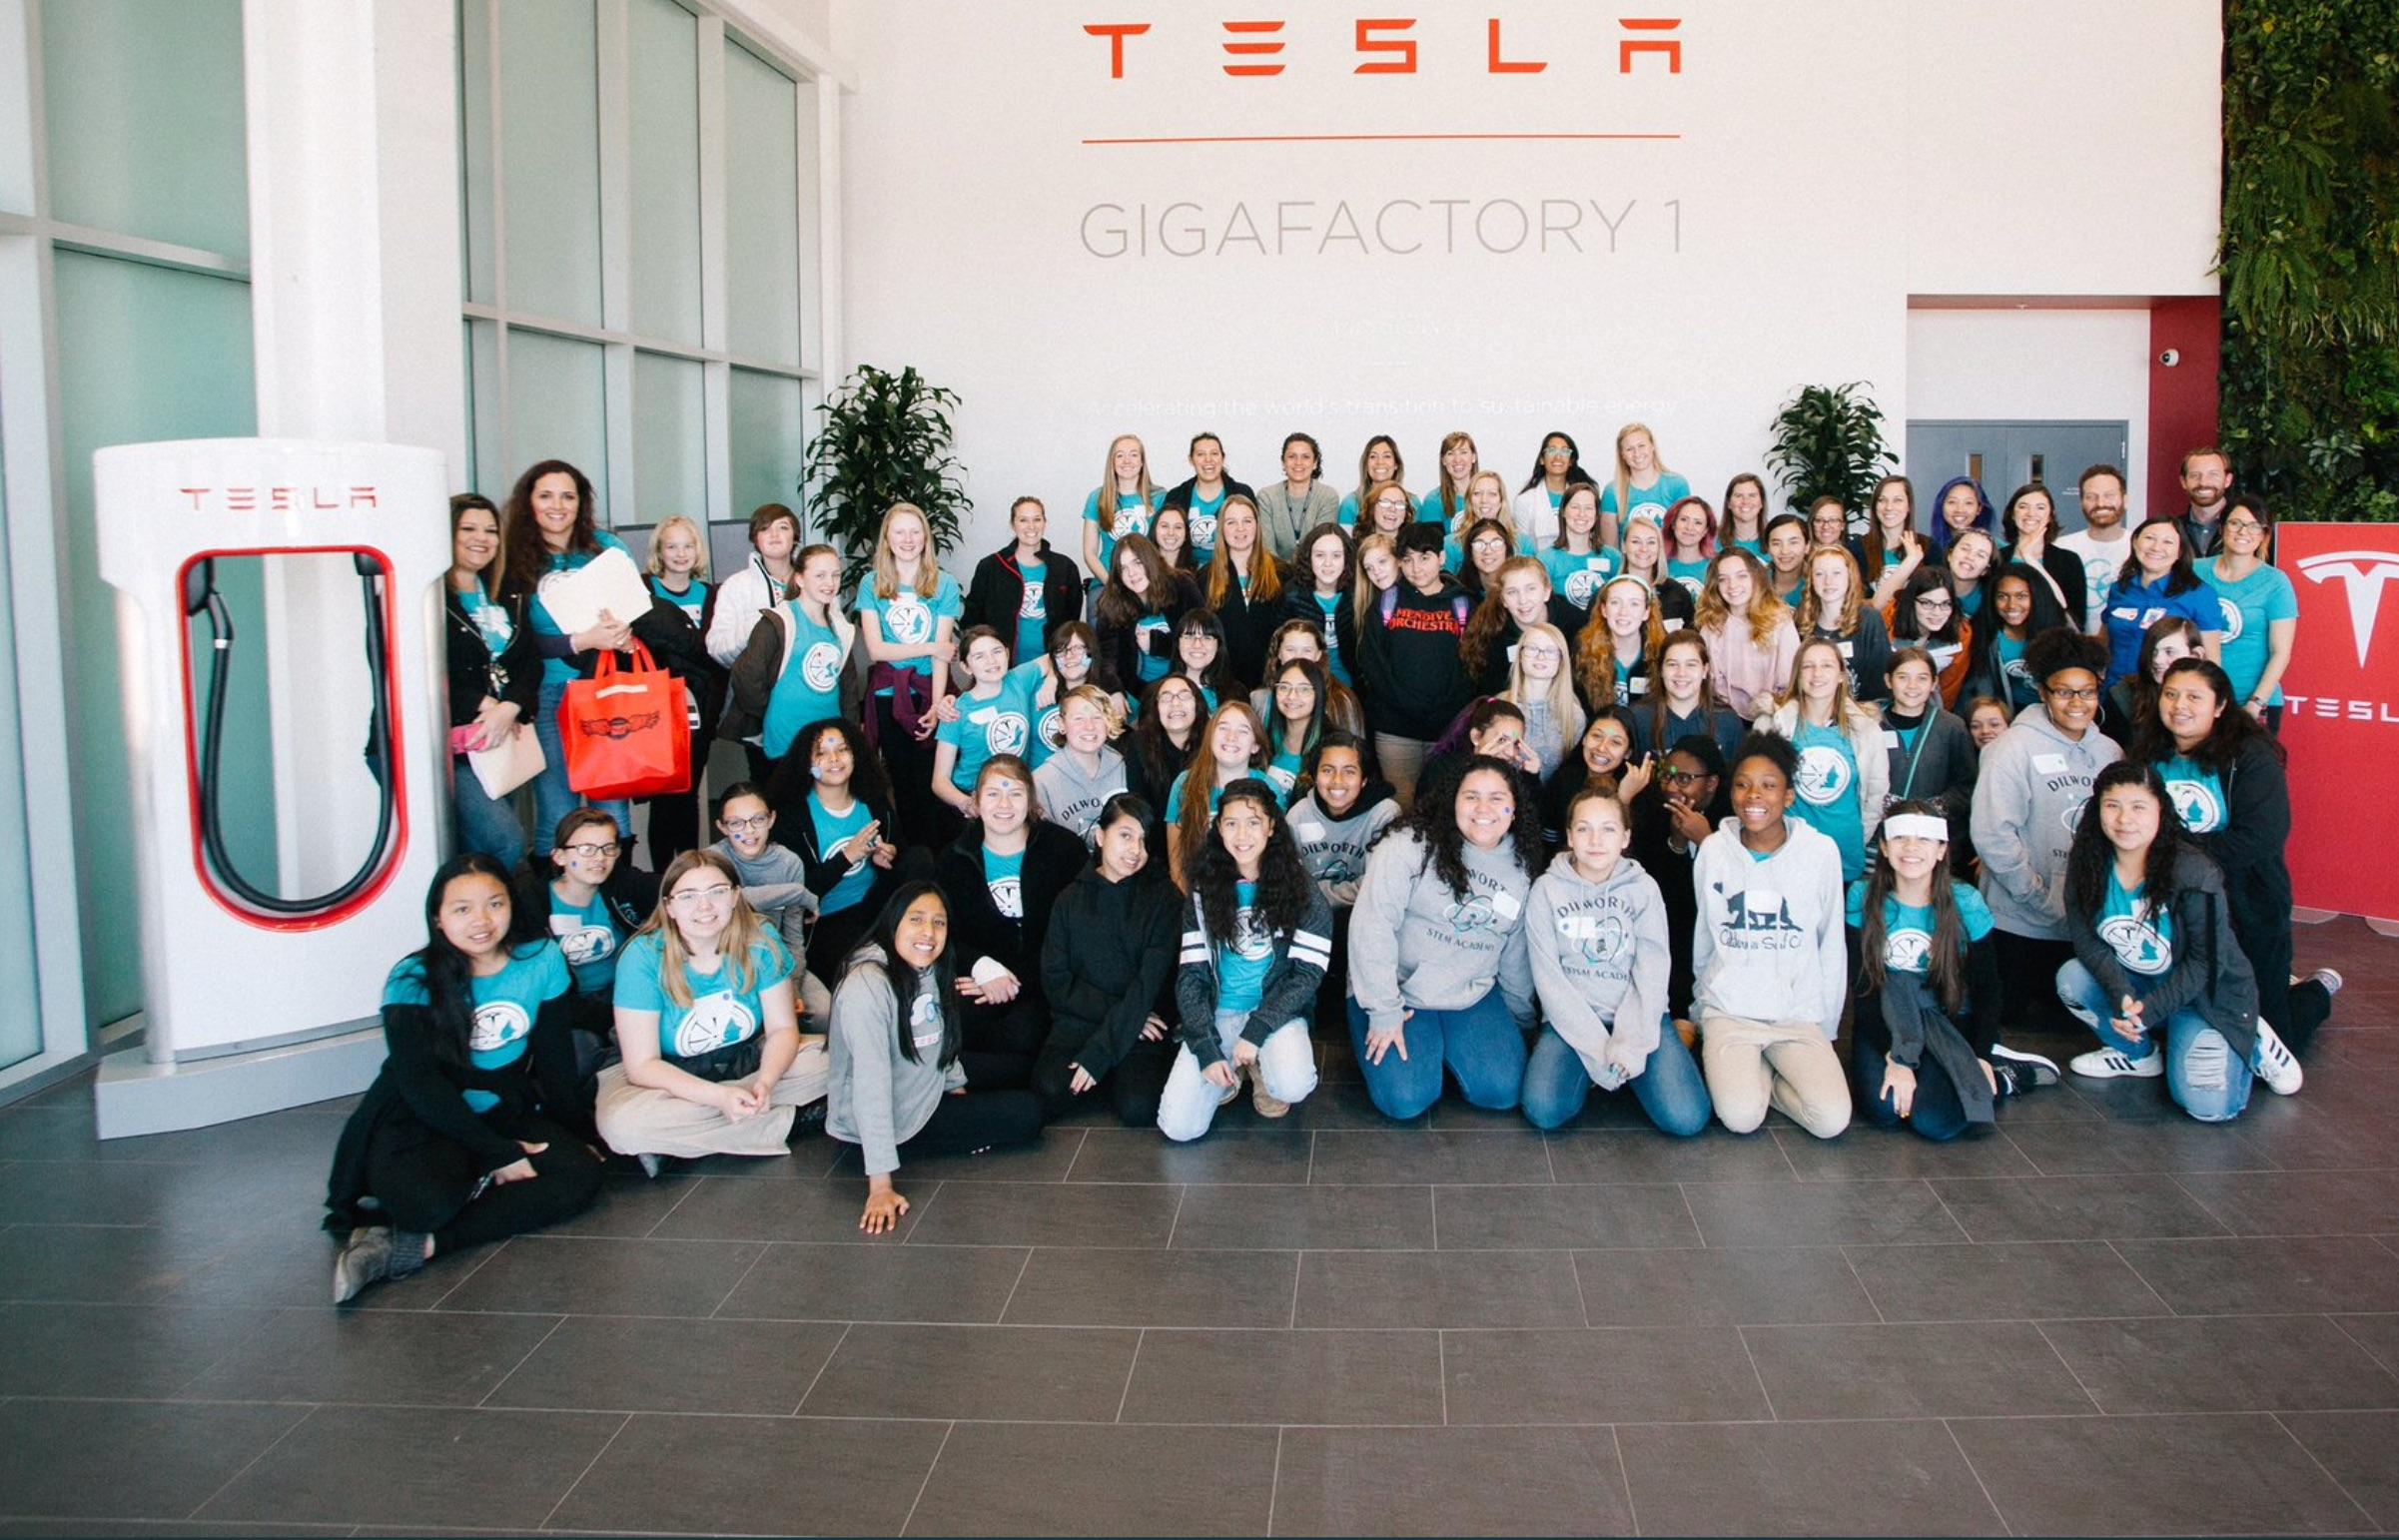 tesla-gigafactory-event-girl-engineering-day